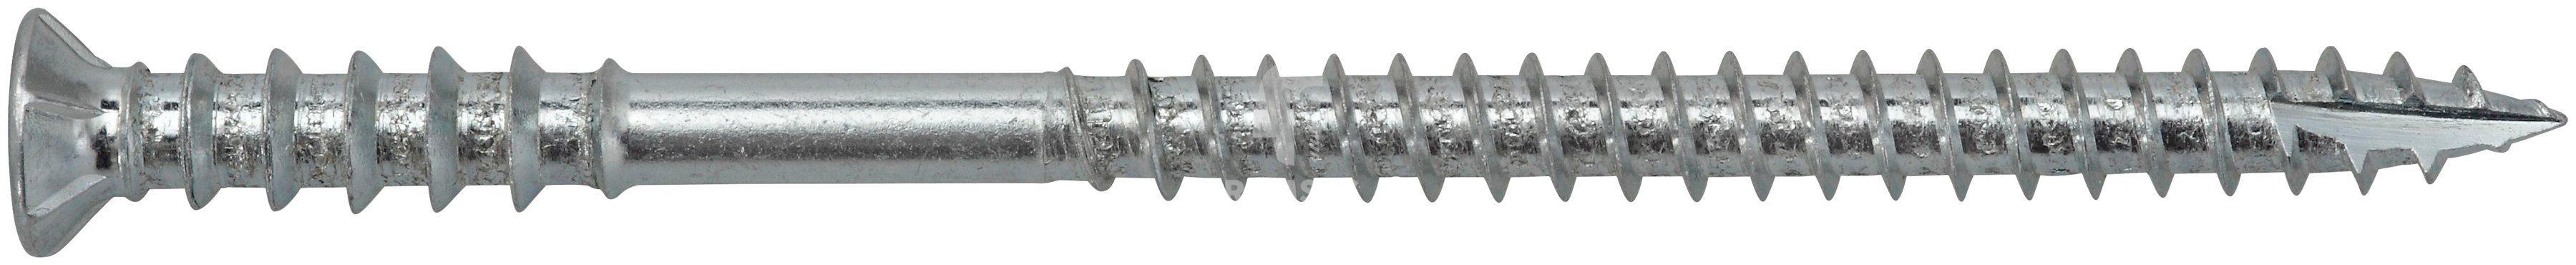 RAMSES Schrauben , Justierschraube Holz/Holz 6 x 100 mm 50 Stk.